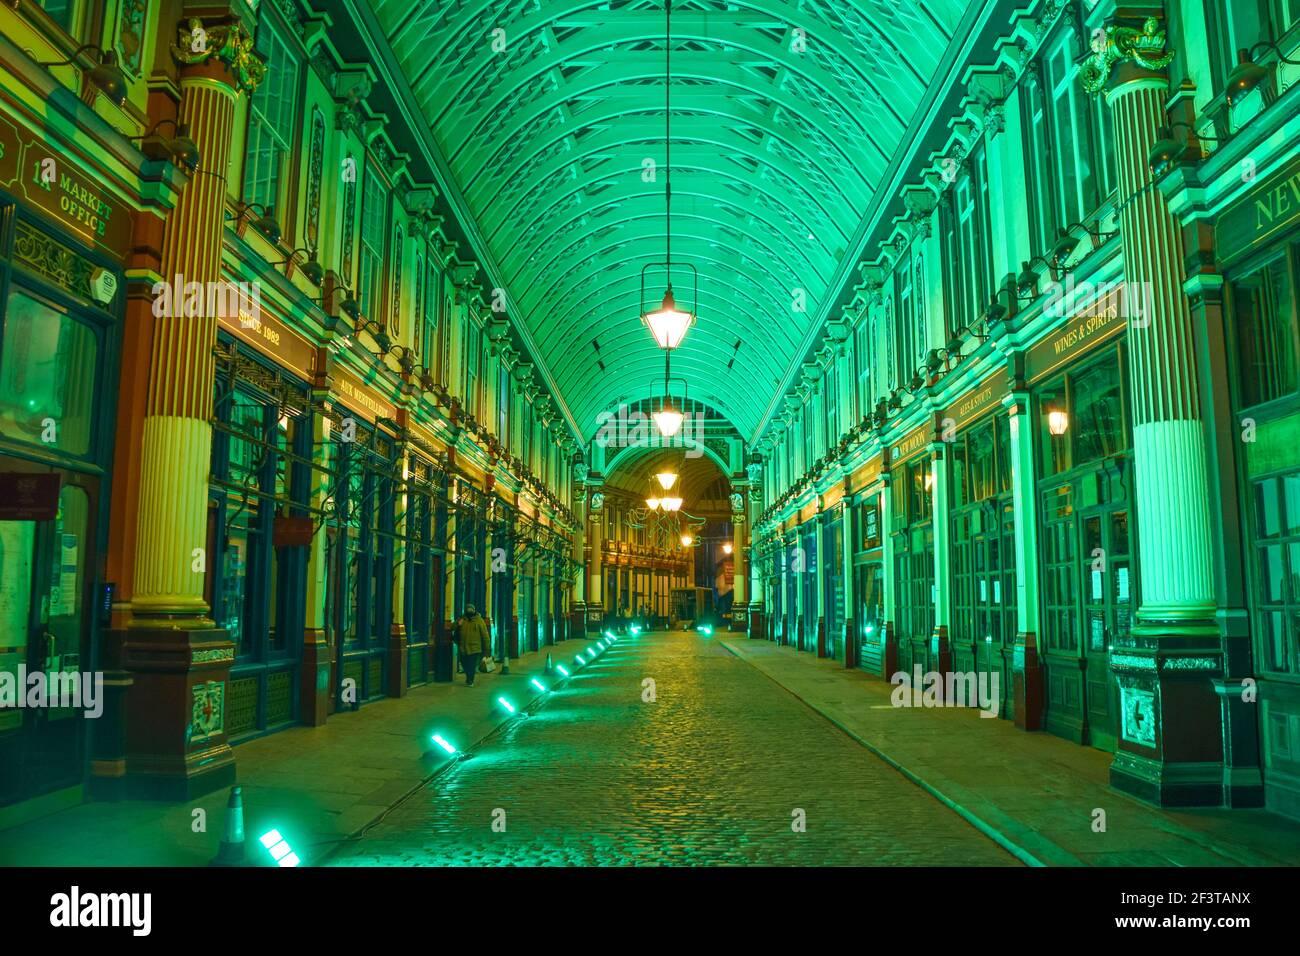 Londres, Royaume-Uni, 17 mars 2021. Le marché Leadenhall de la ville de Londres est illuminé en vert à l'occasion de la fête de la St Patrick. Credit: Vuk Valcic/Alamy Live News Banque D'Images